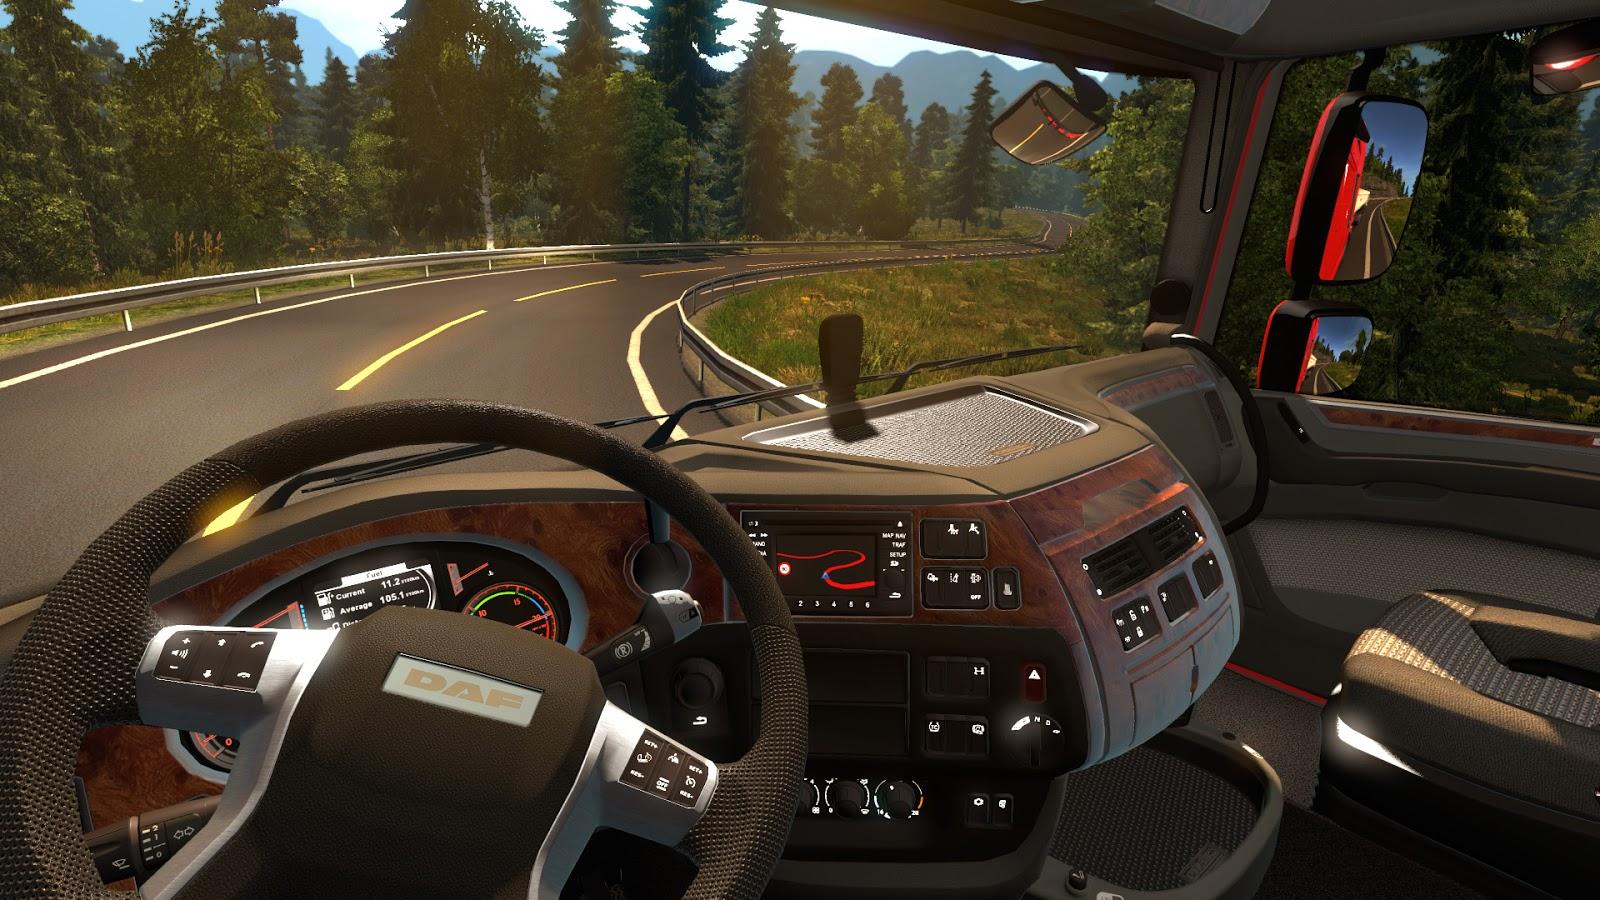 euro truck simulator 2 download free full version